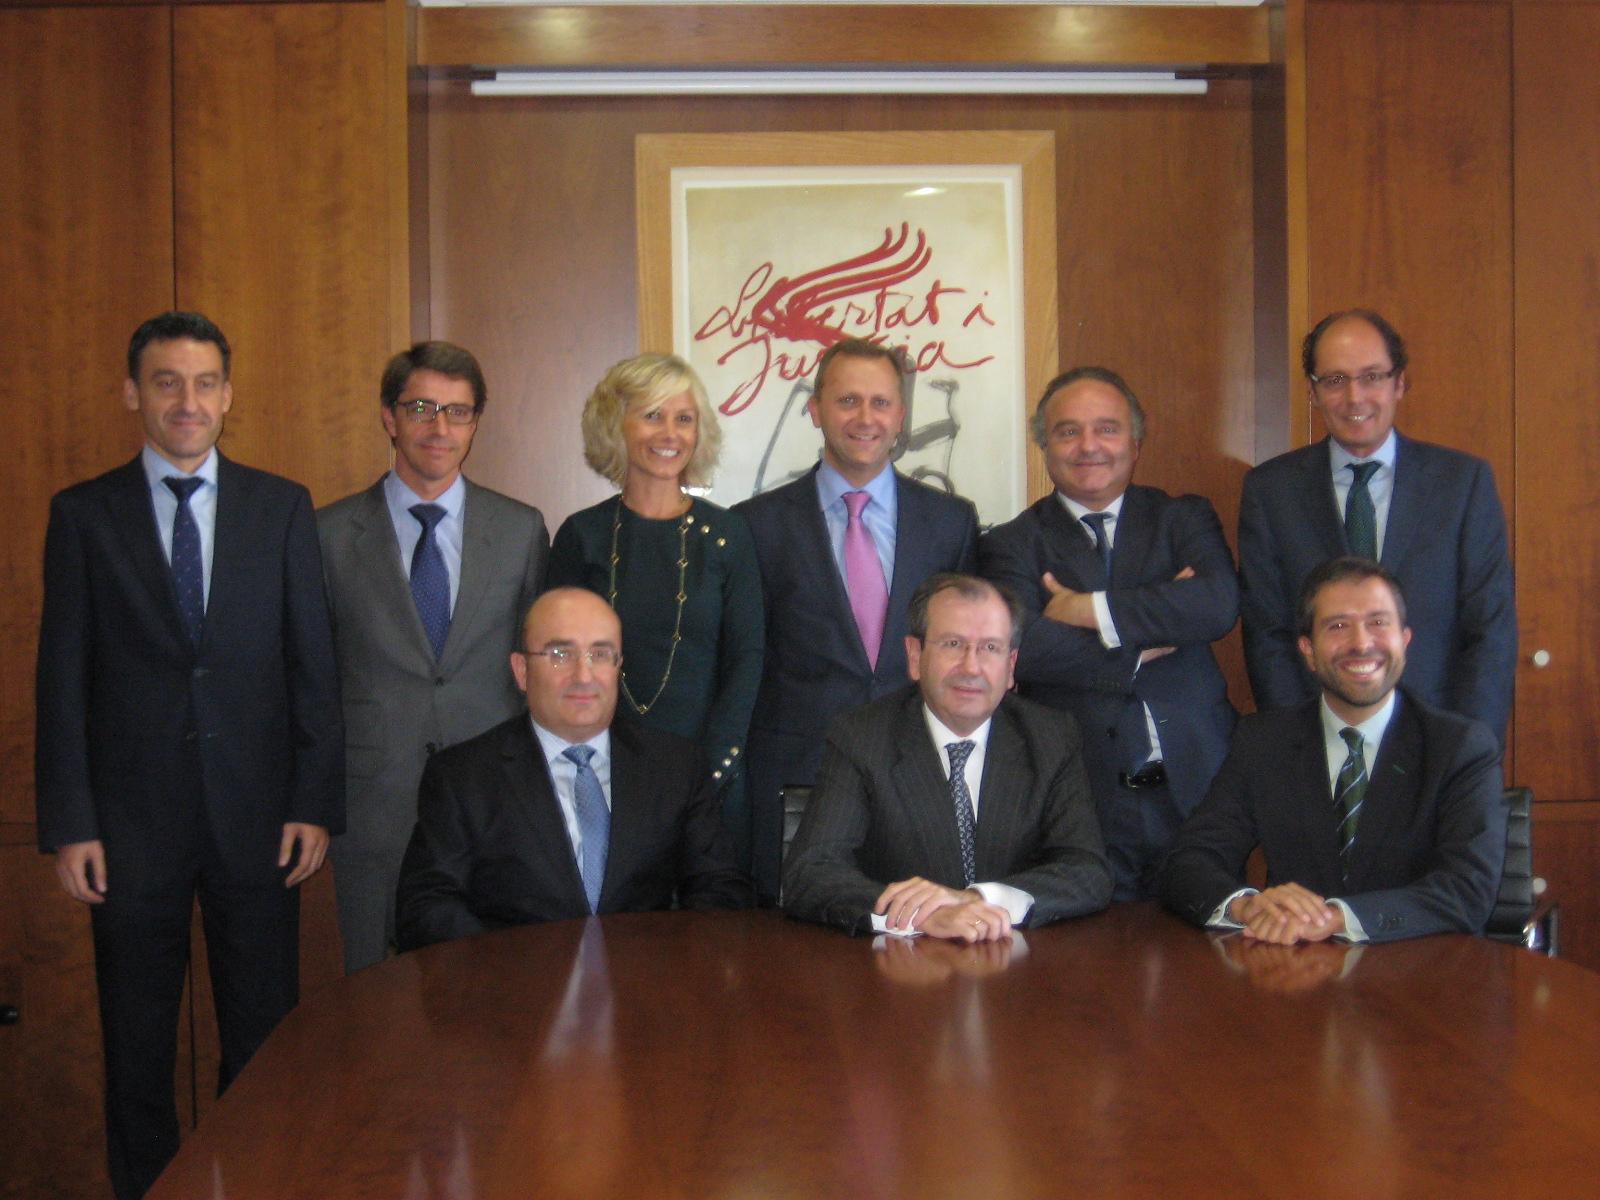 Fernando Vives, socio director de Garrigues, junto con los socios de la oficina de Oviedo